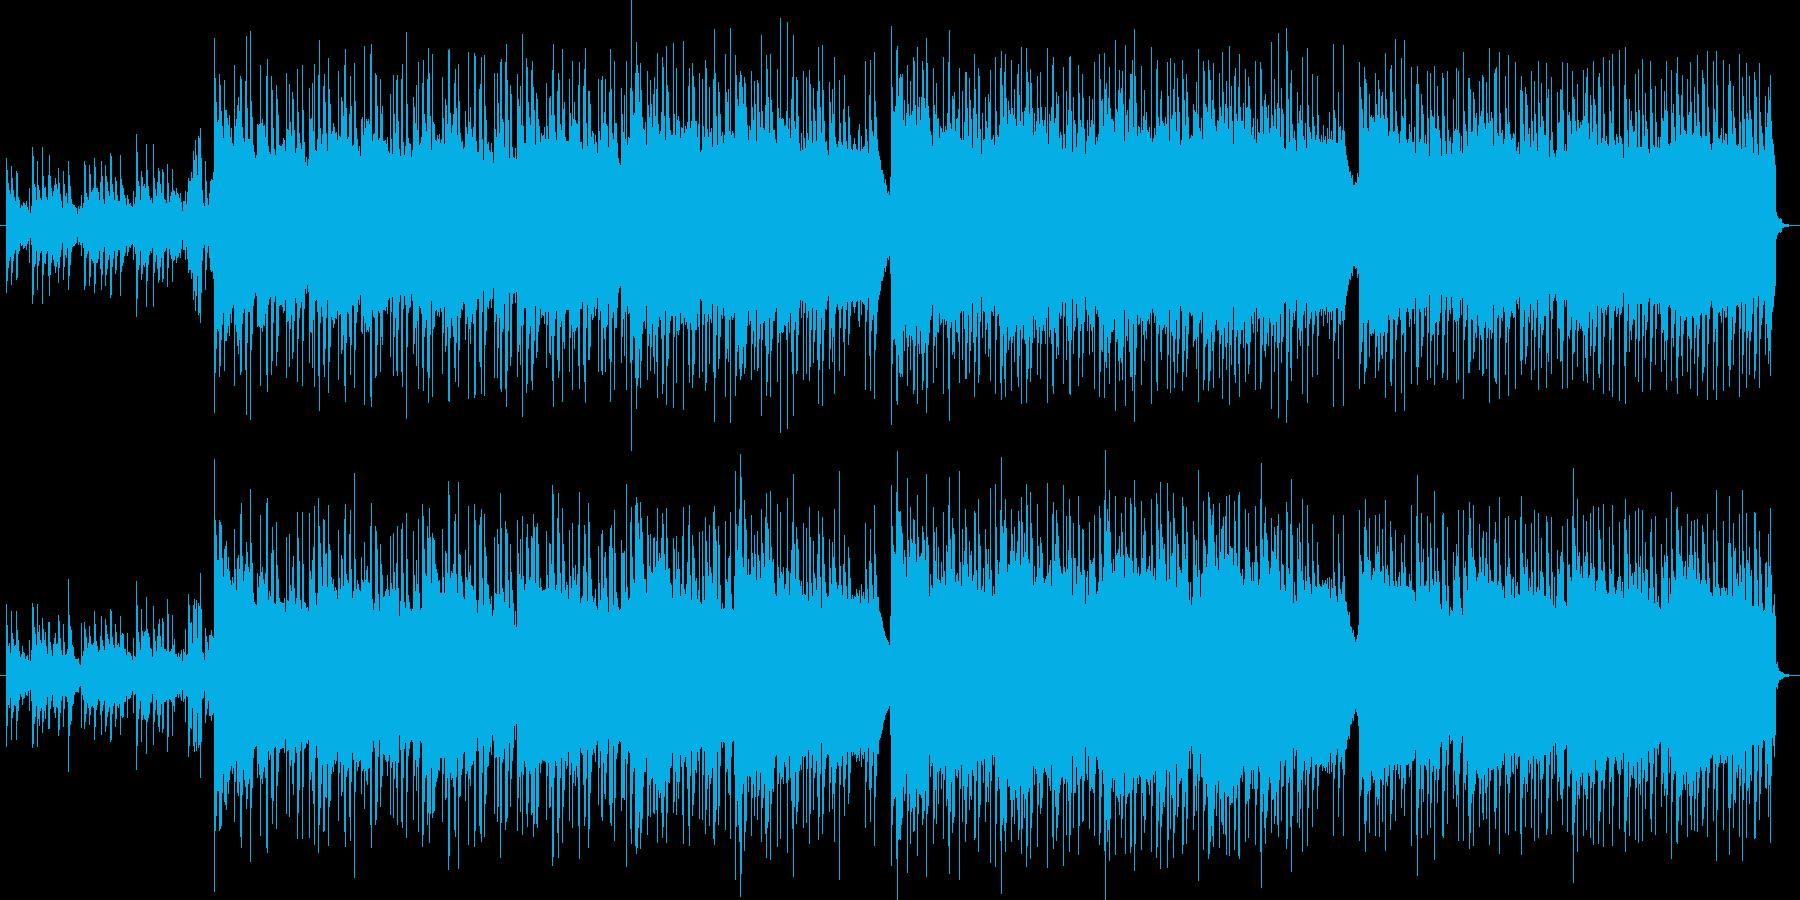 宇宙・SF向けのデジタルで重厚感ある曲の再生済みの波形